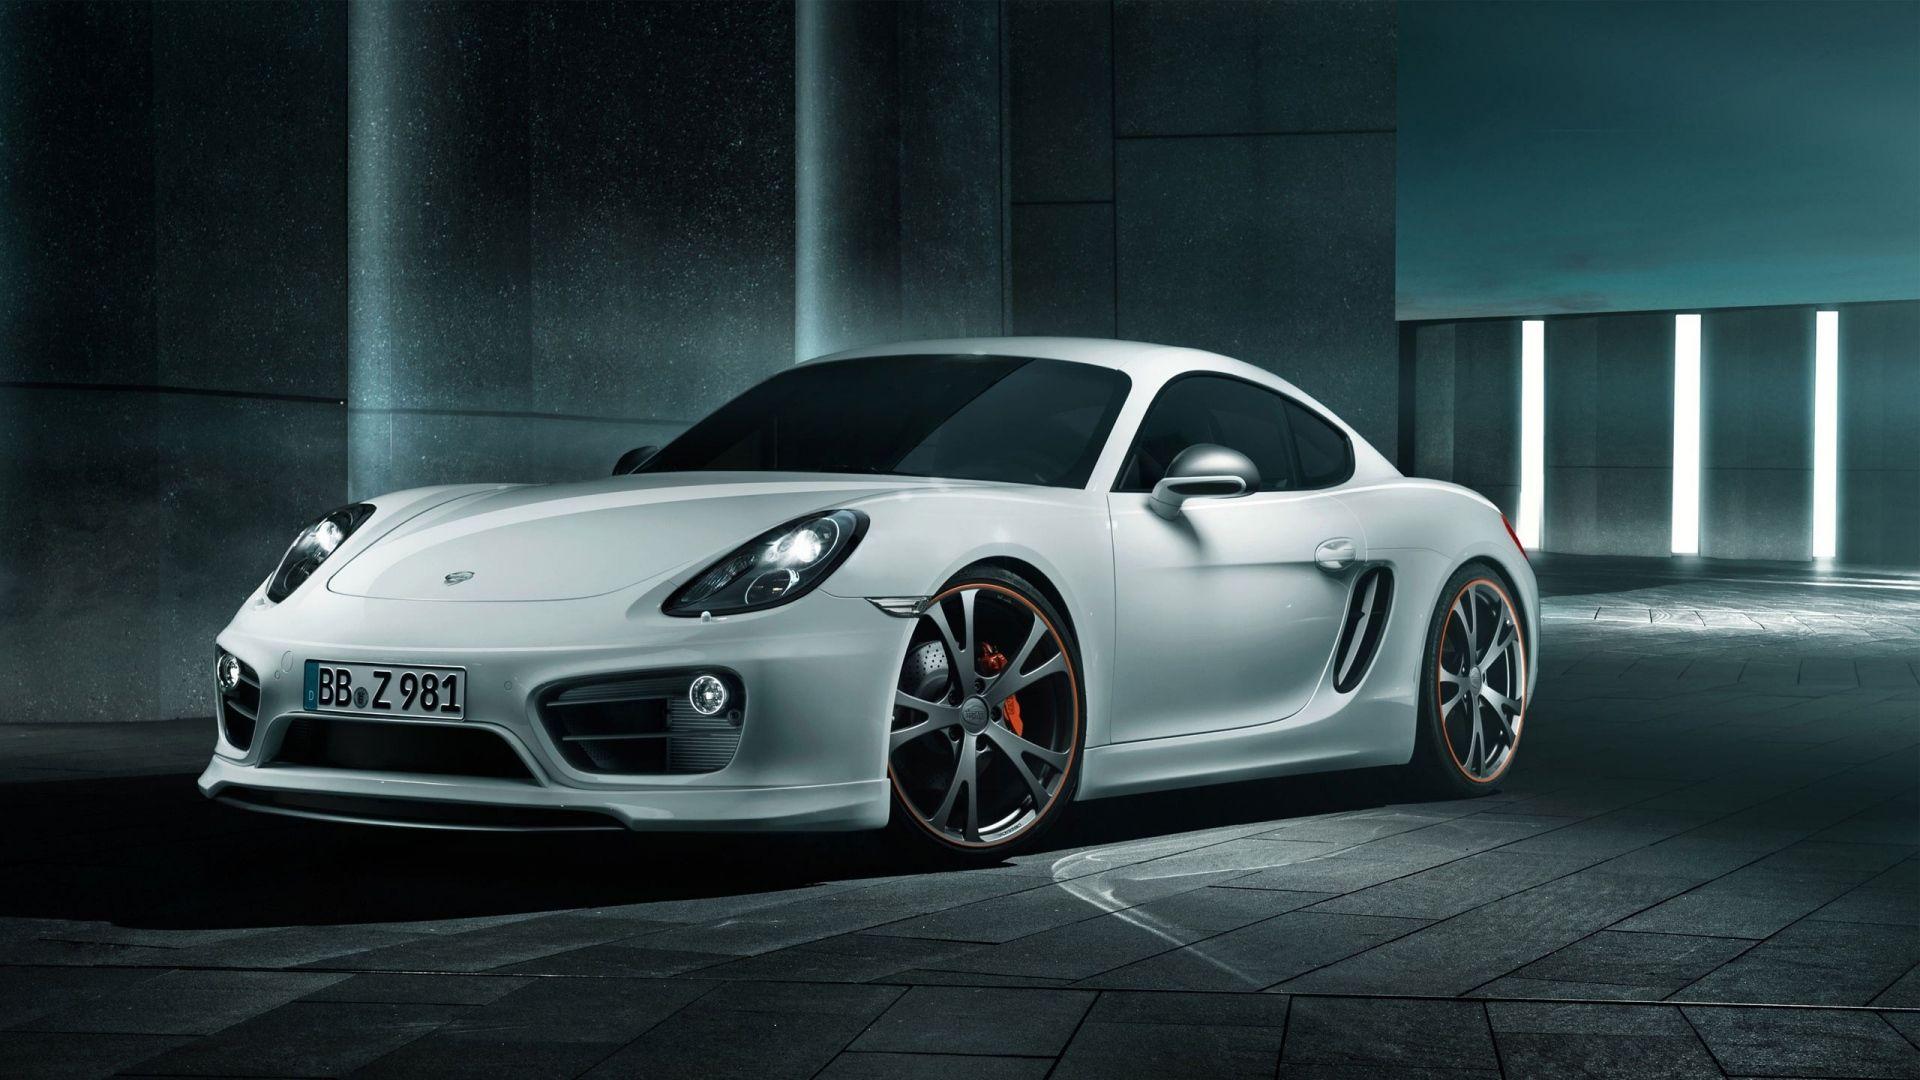 Download Wallpaper 1920x1080 Porsche Cayman Cars Stylish Full Hd 1080p Hd Background Porsche Sports Car Porsche Cars